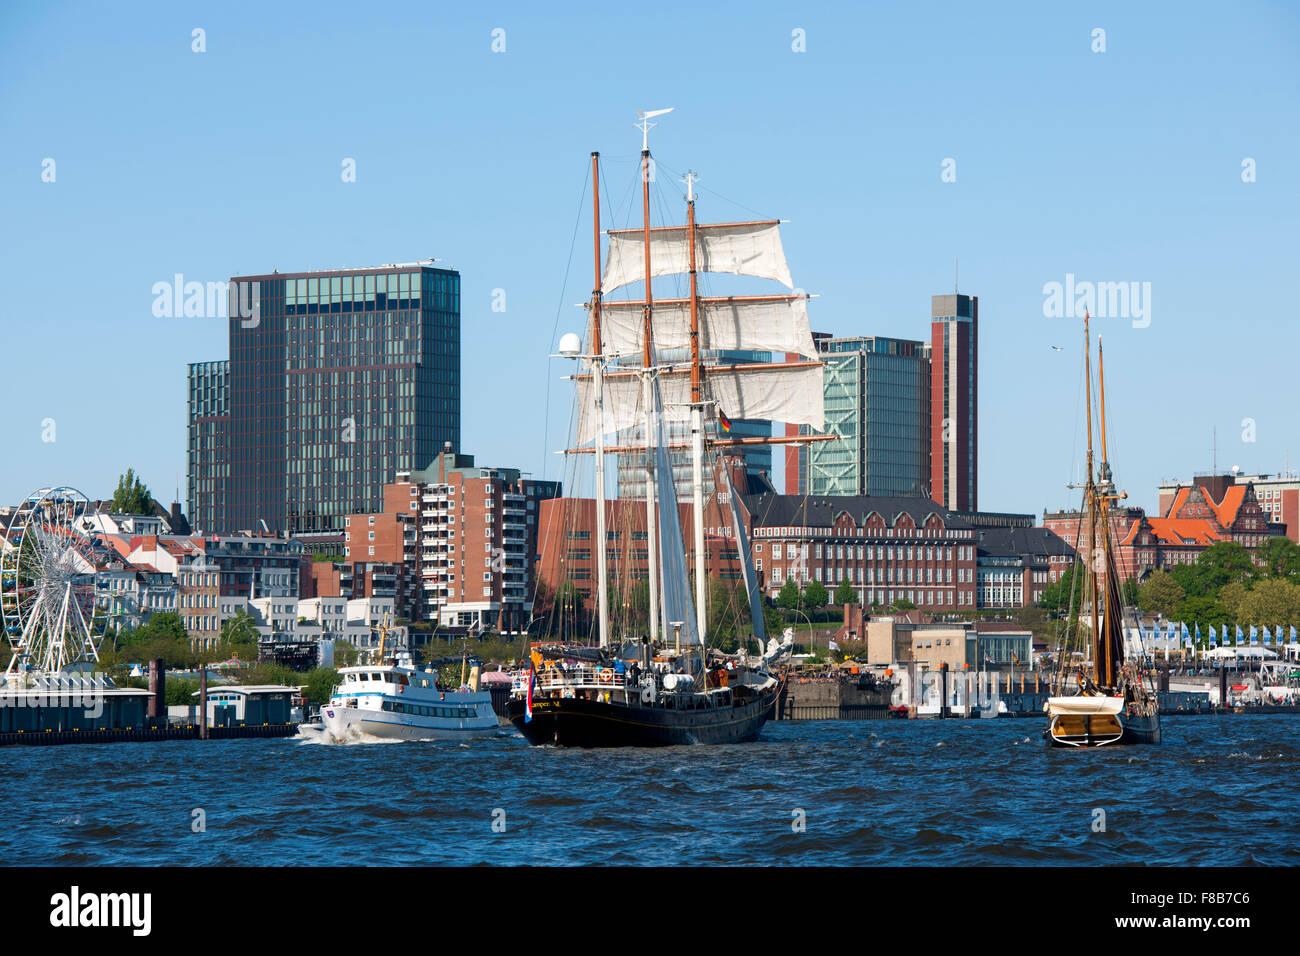 Deutschland, Hamburg, Hamburger Hafen, Segelschiff Summertime, der letzte Viermaster der Niederlande - Stock Image